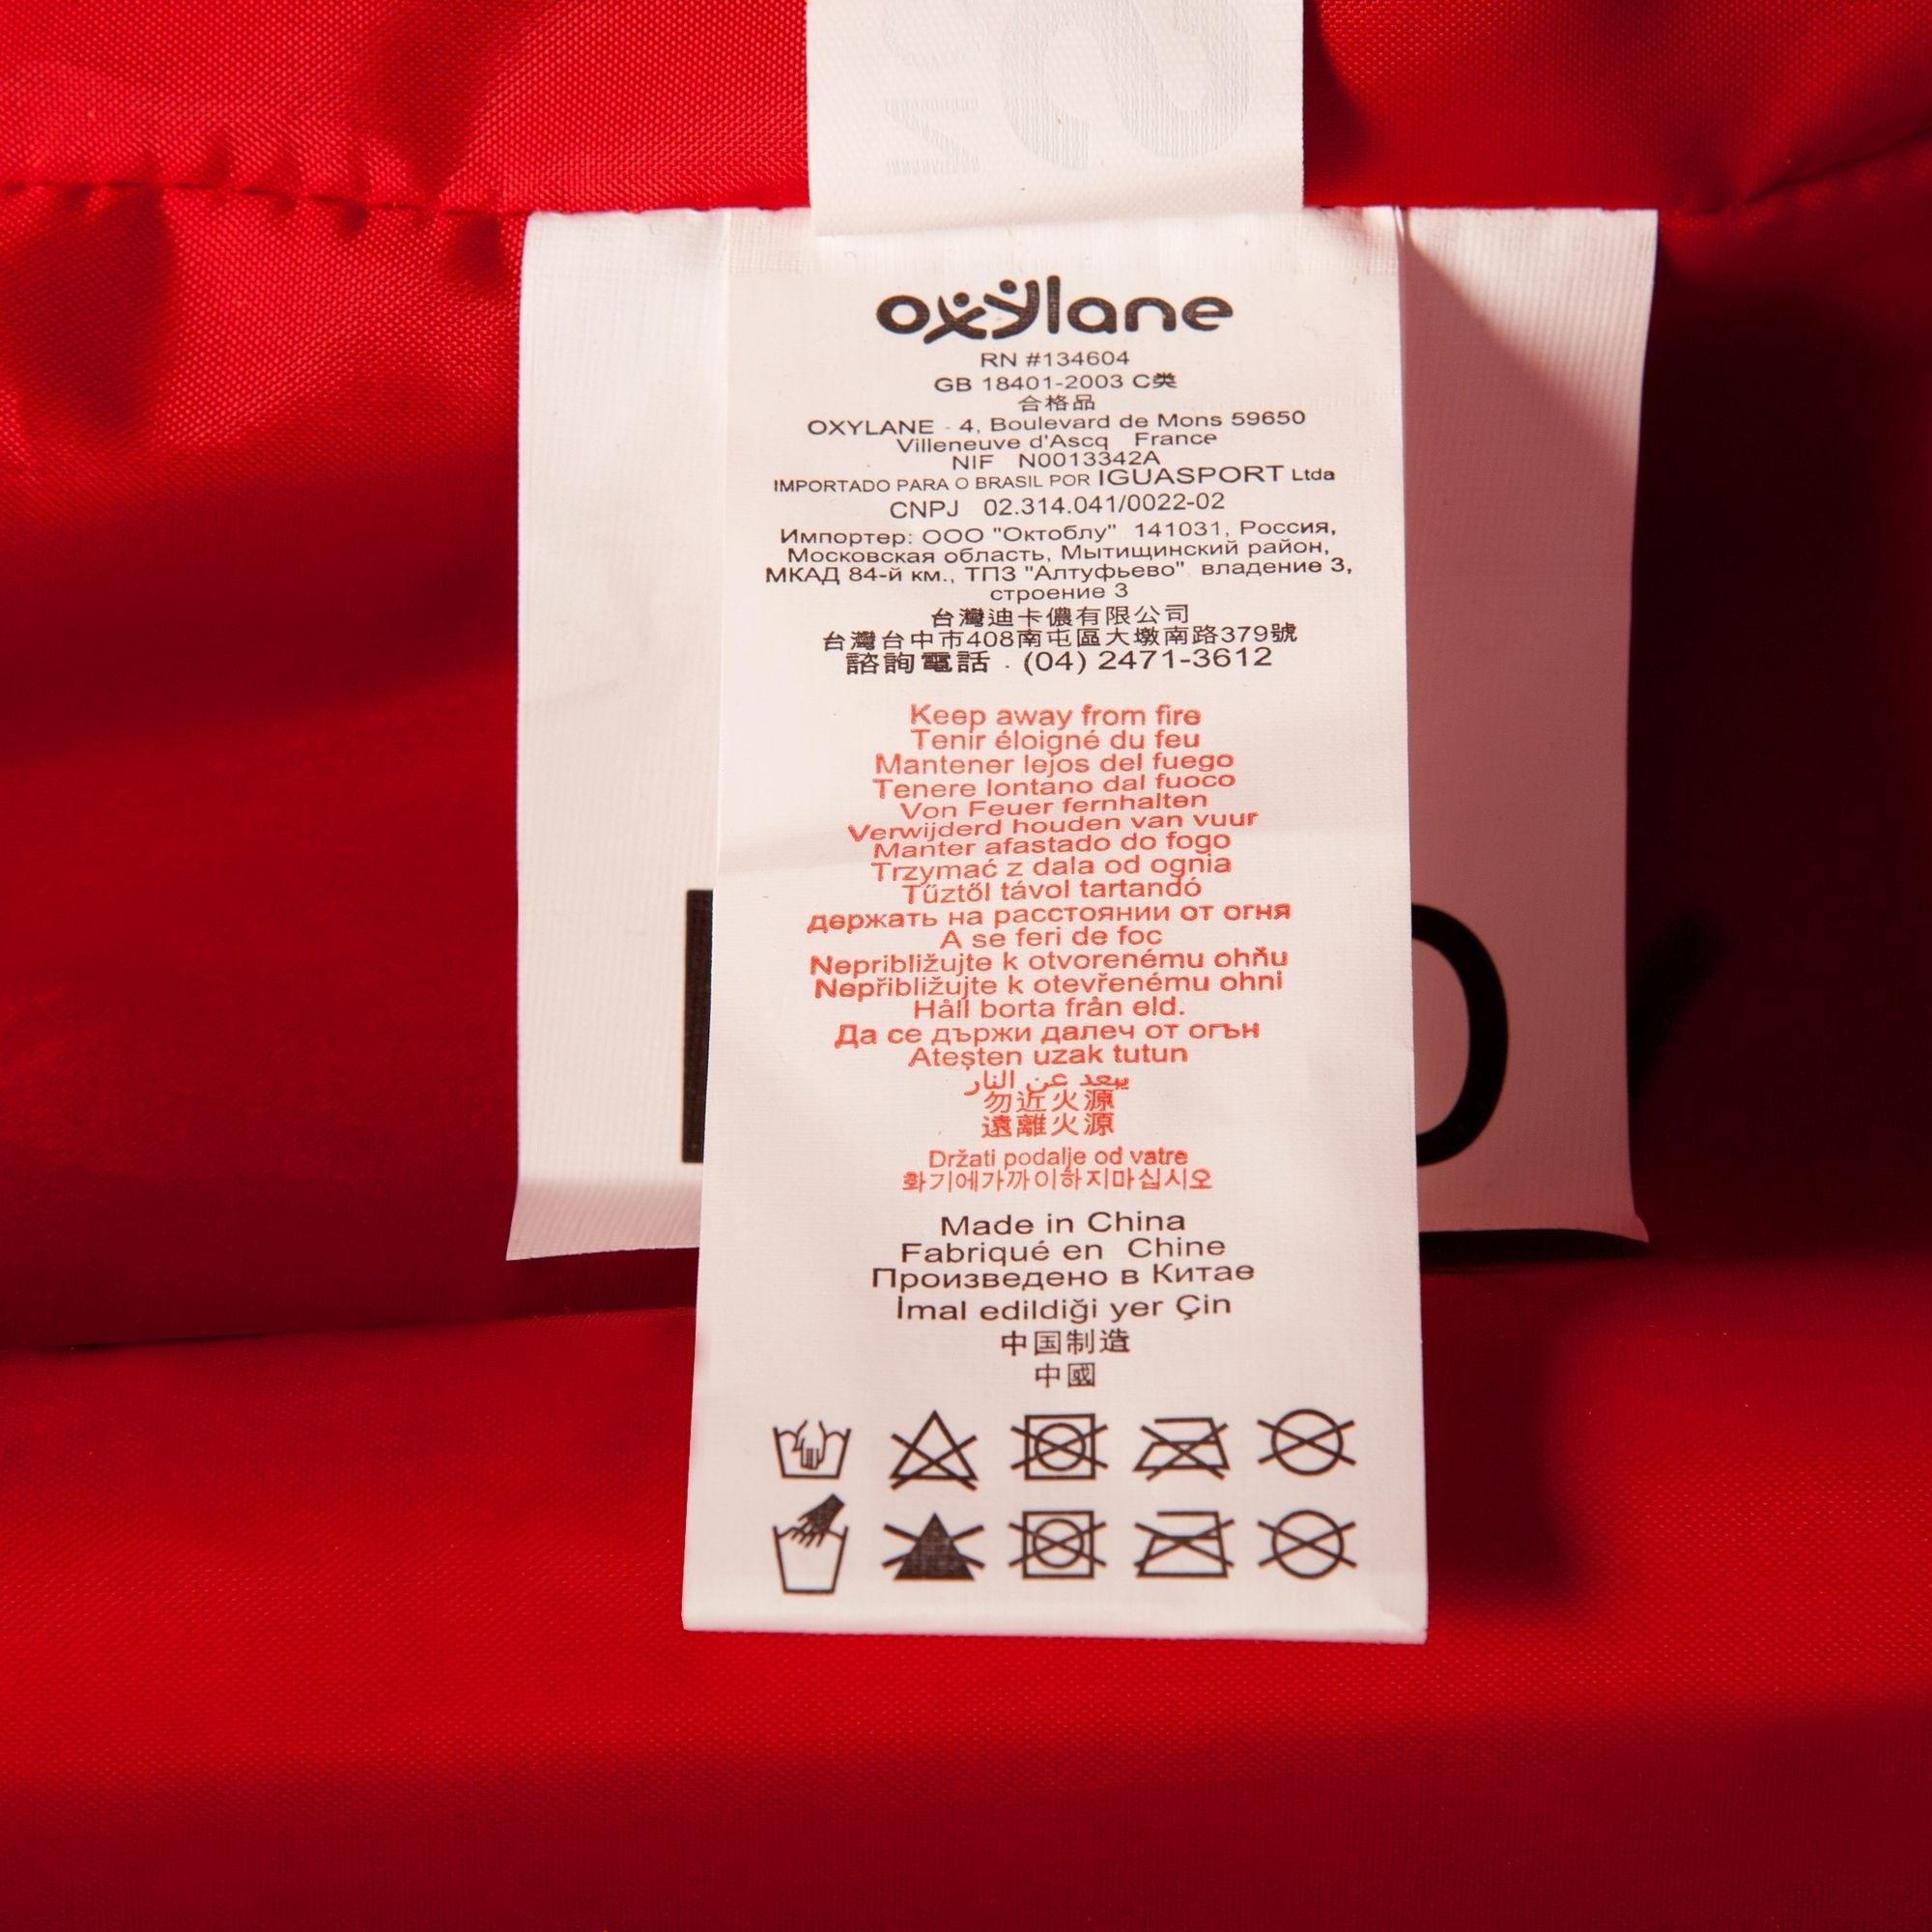 Baignoire Sur Pied Pour Bebe Baignoire Sur Pied Pour Bebe Brise Vue Sur Pied Achat Vente Pas Cher Dimanche 30 Decembre How To Make Personalized Items Design